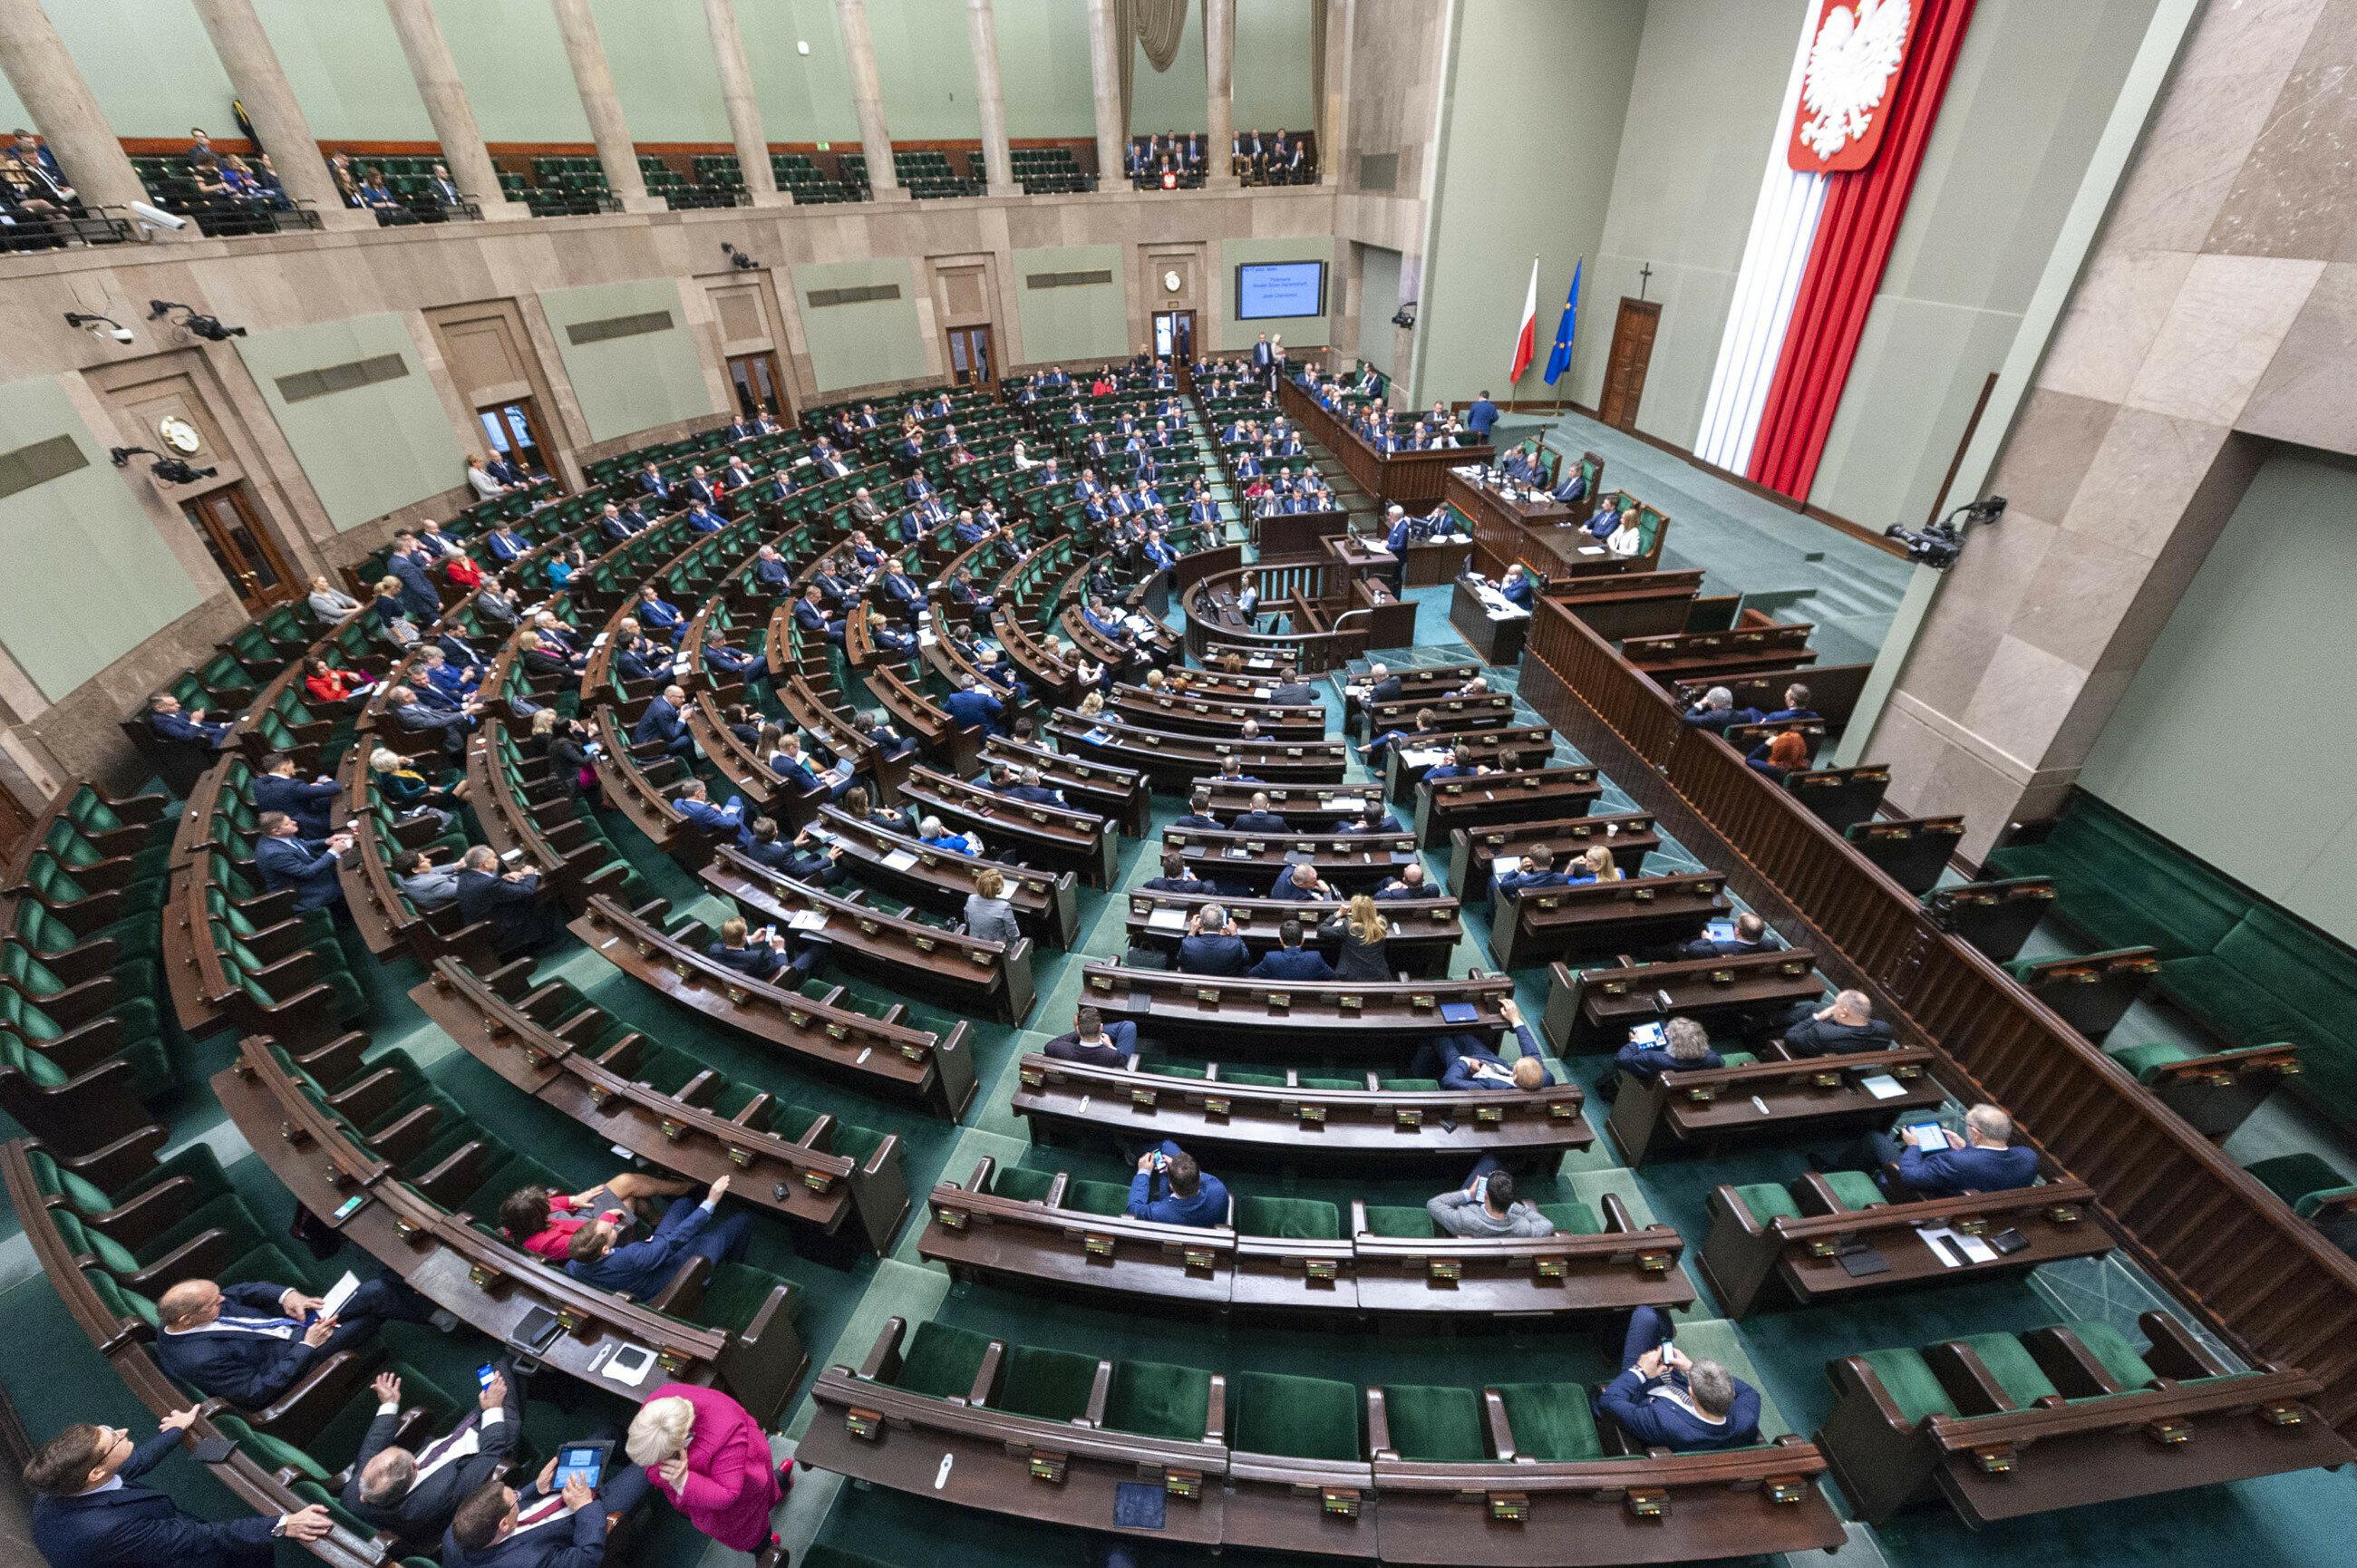 W czwartek 4 kwietnia Sejm odrzucił wniosek o wyrażenie wotum nieufności dla jednego z ministrów. Kto mógł zostać odwołany?